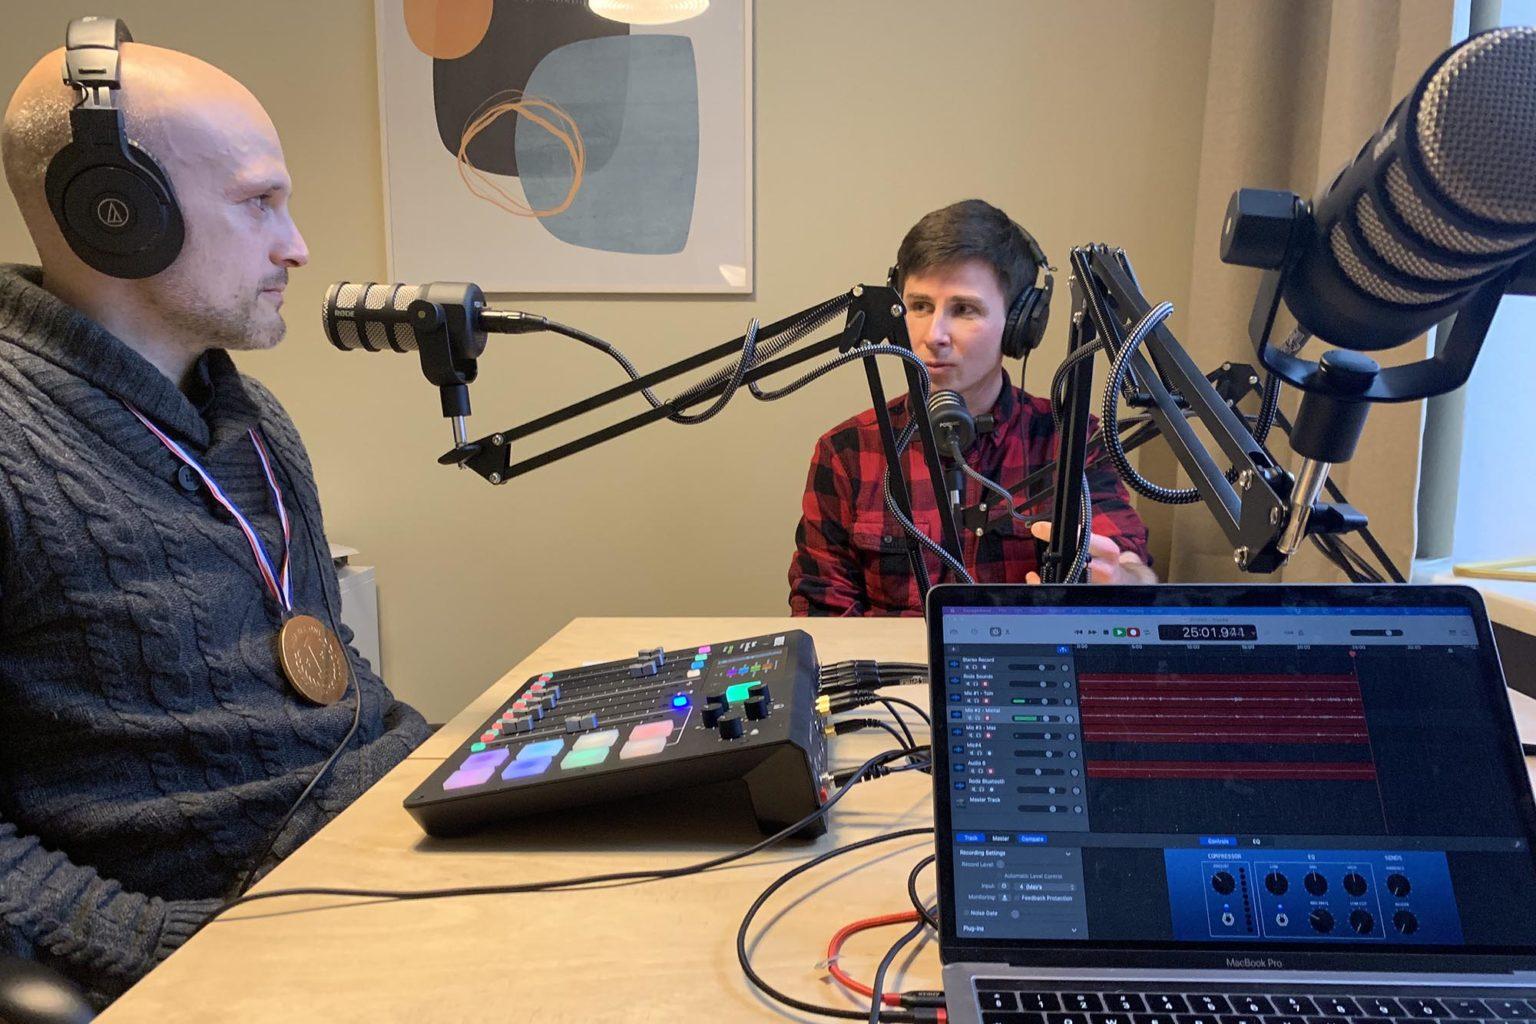 Krakow Podcast Studio